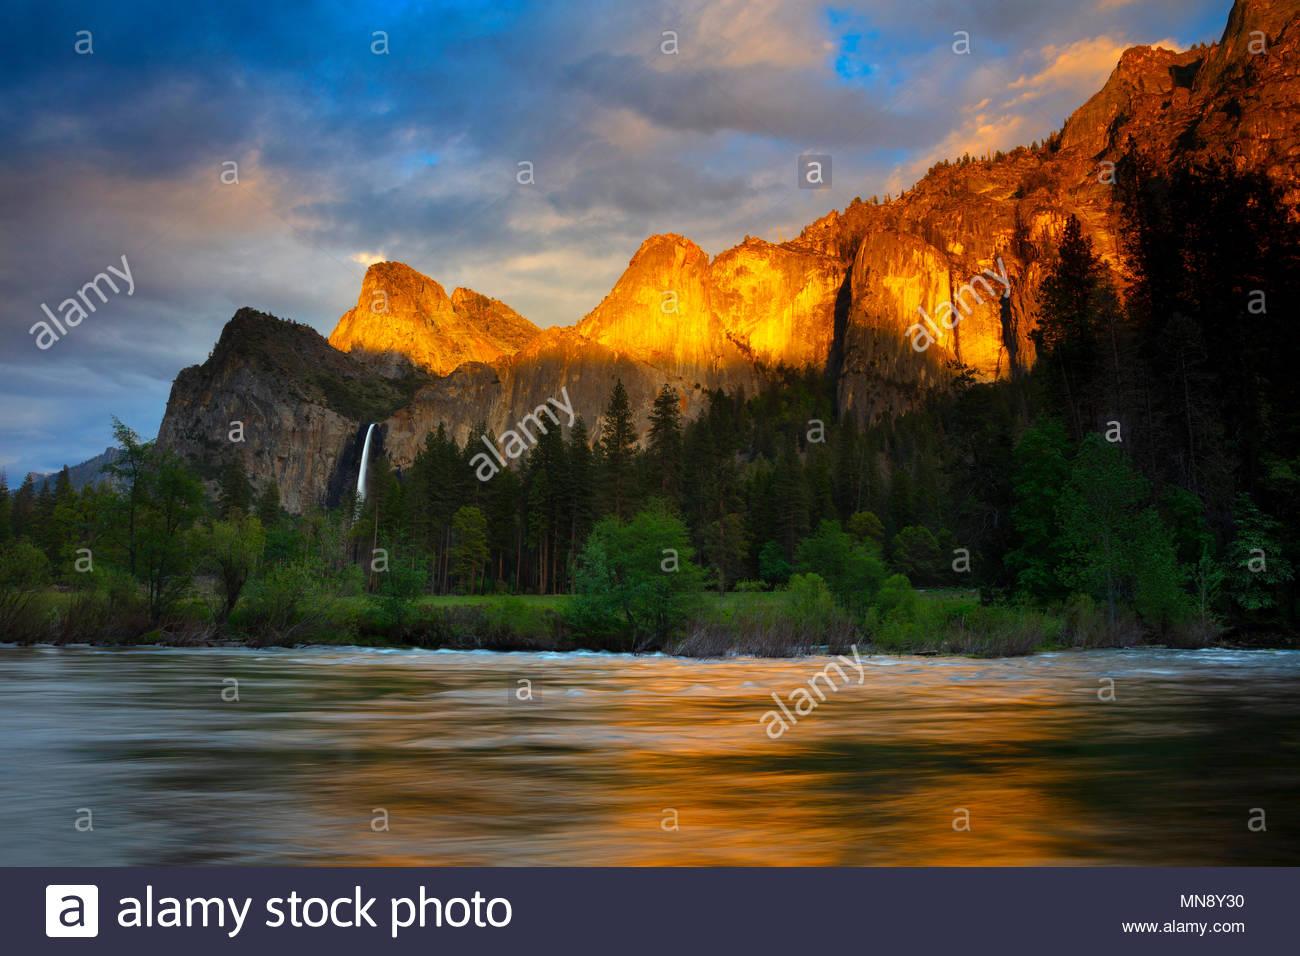 La luce dorata del tramonto si riflette diversi picchi di Yosemite, compresa la Torre Pendente e Dewey punto, sul fiume Merced a valle vista in Y Immagini Stock